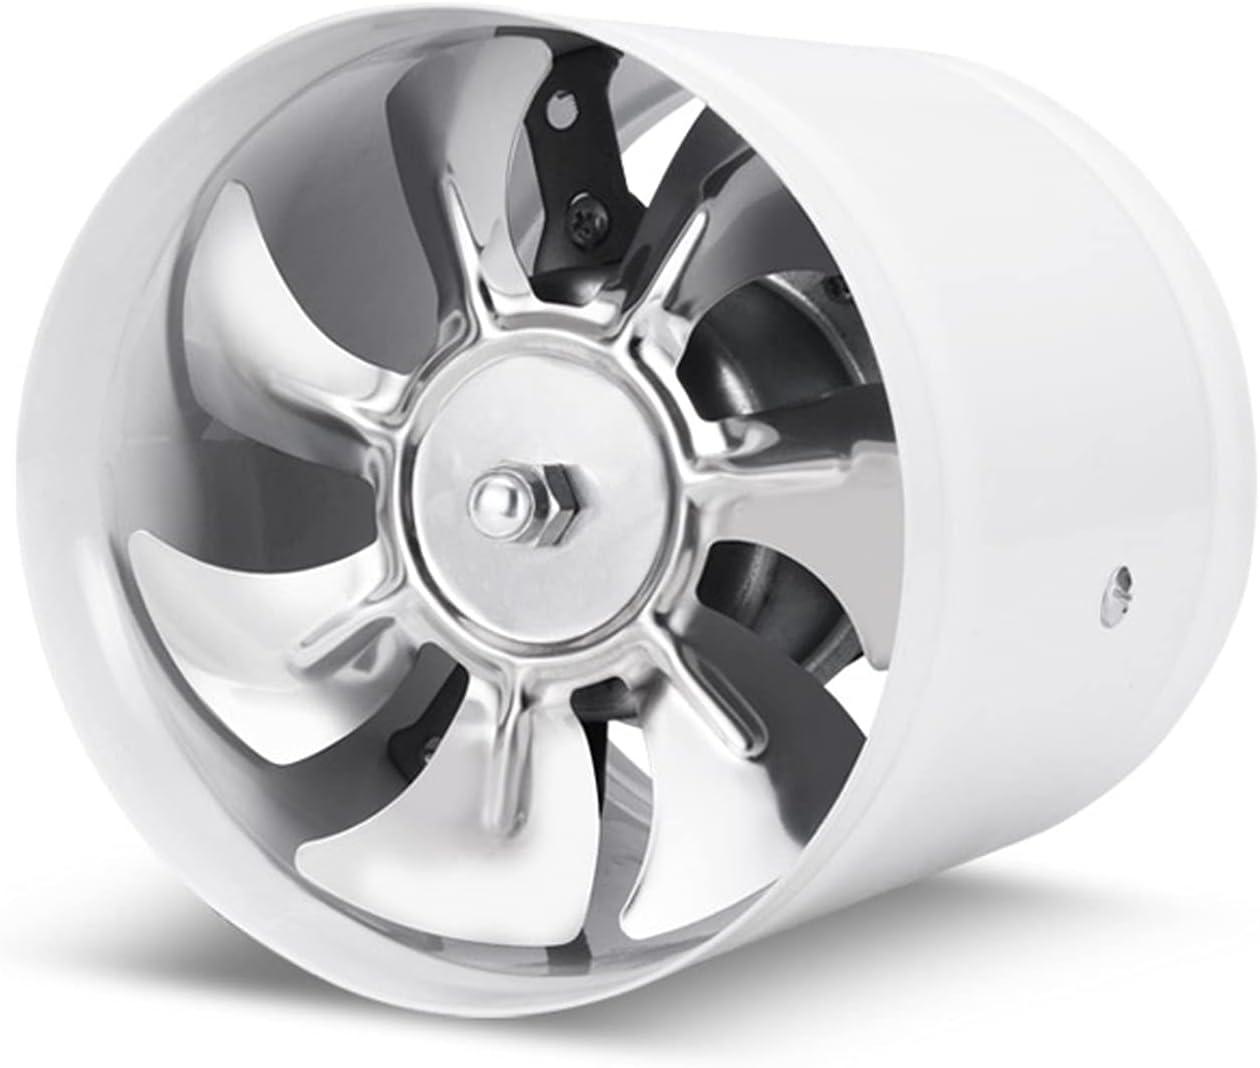 Ventilador de conducto en línea de 8 pulgadas, 50 0CFM, Cocina Potente humo de aceite Ventilador Ventilador de ventilación Tipo de ventana Fan de escape con 7 cuchillas Ventilador de escape de baño